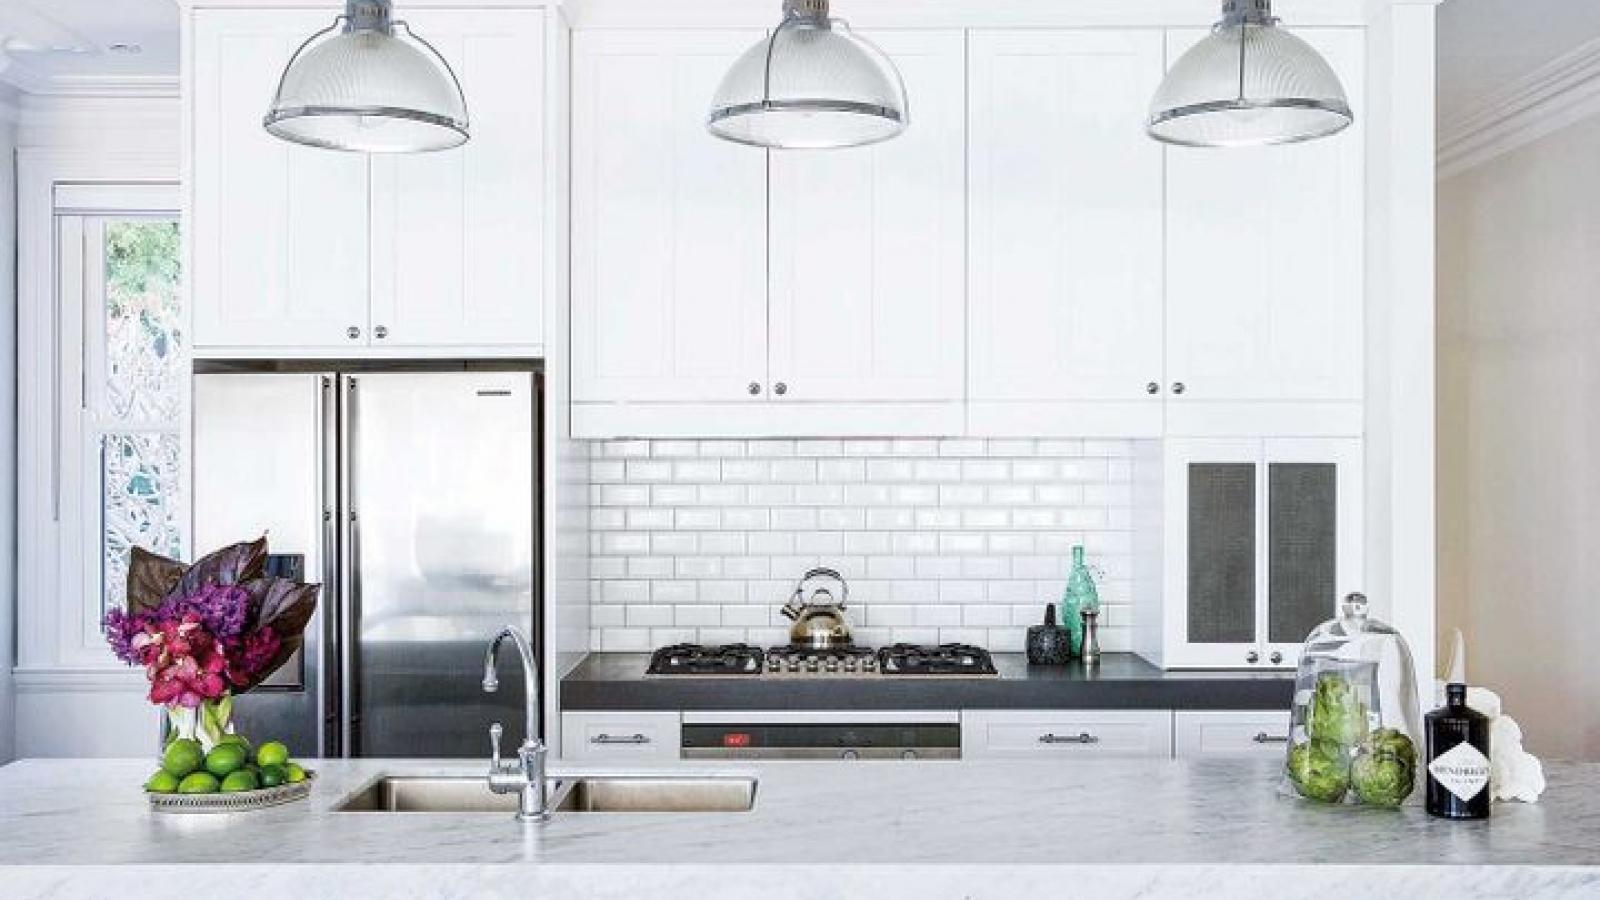 8 thói quen giúp bạn dọn dẹp nhà cửa nhanh chóng mỗi ngày